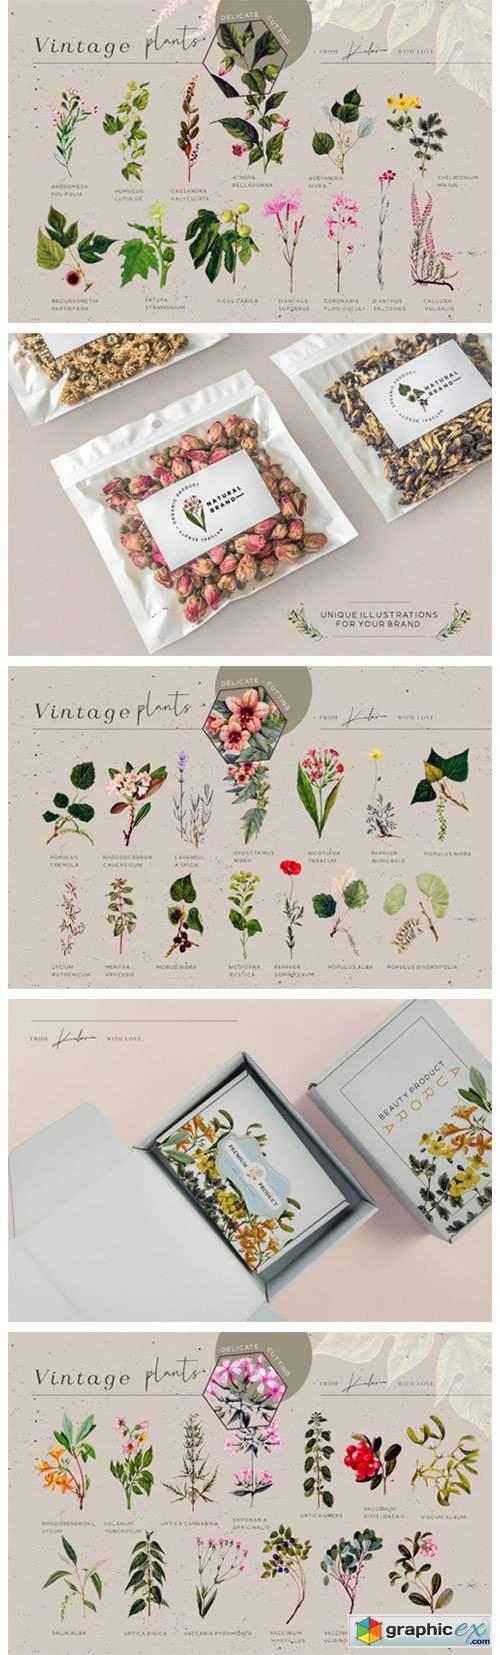 Green Garden - Vintage Botanical Kit